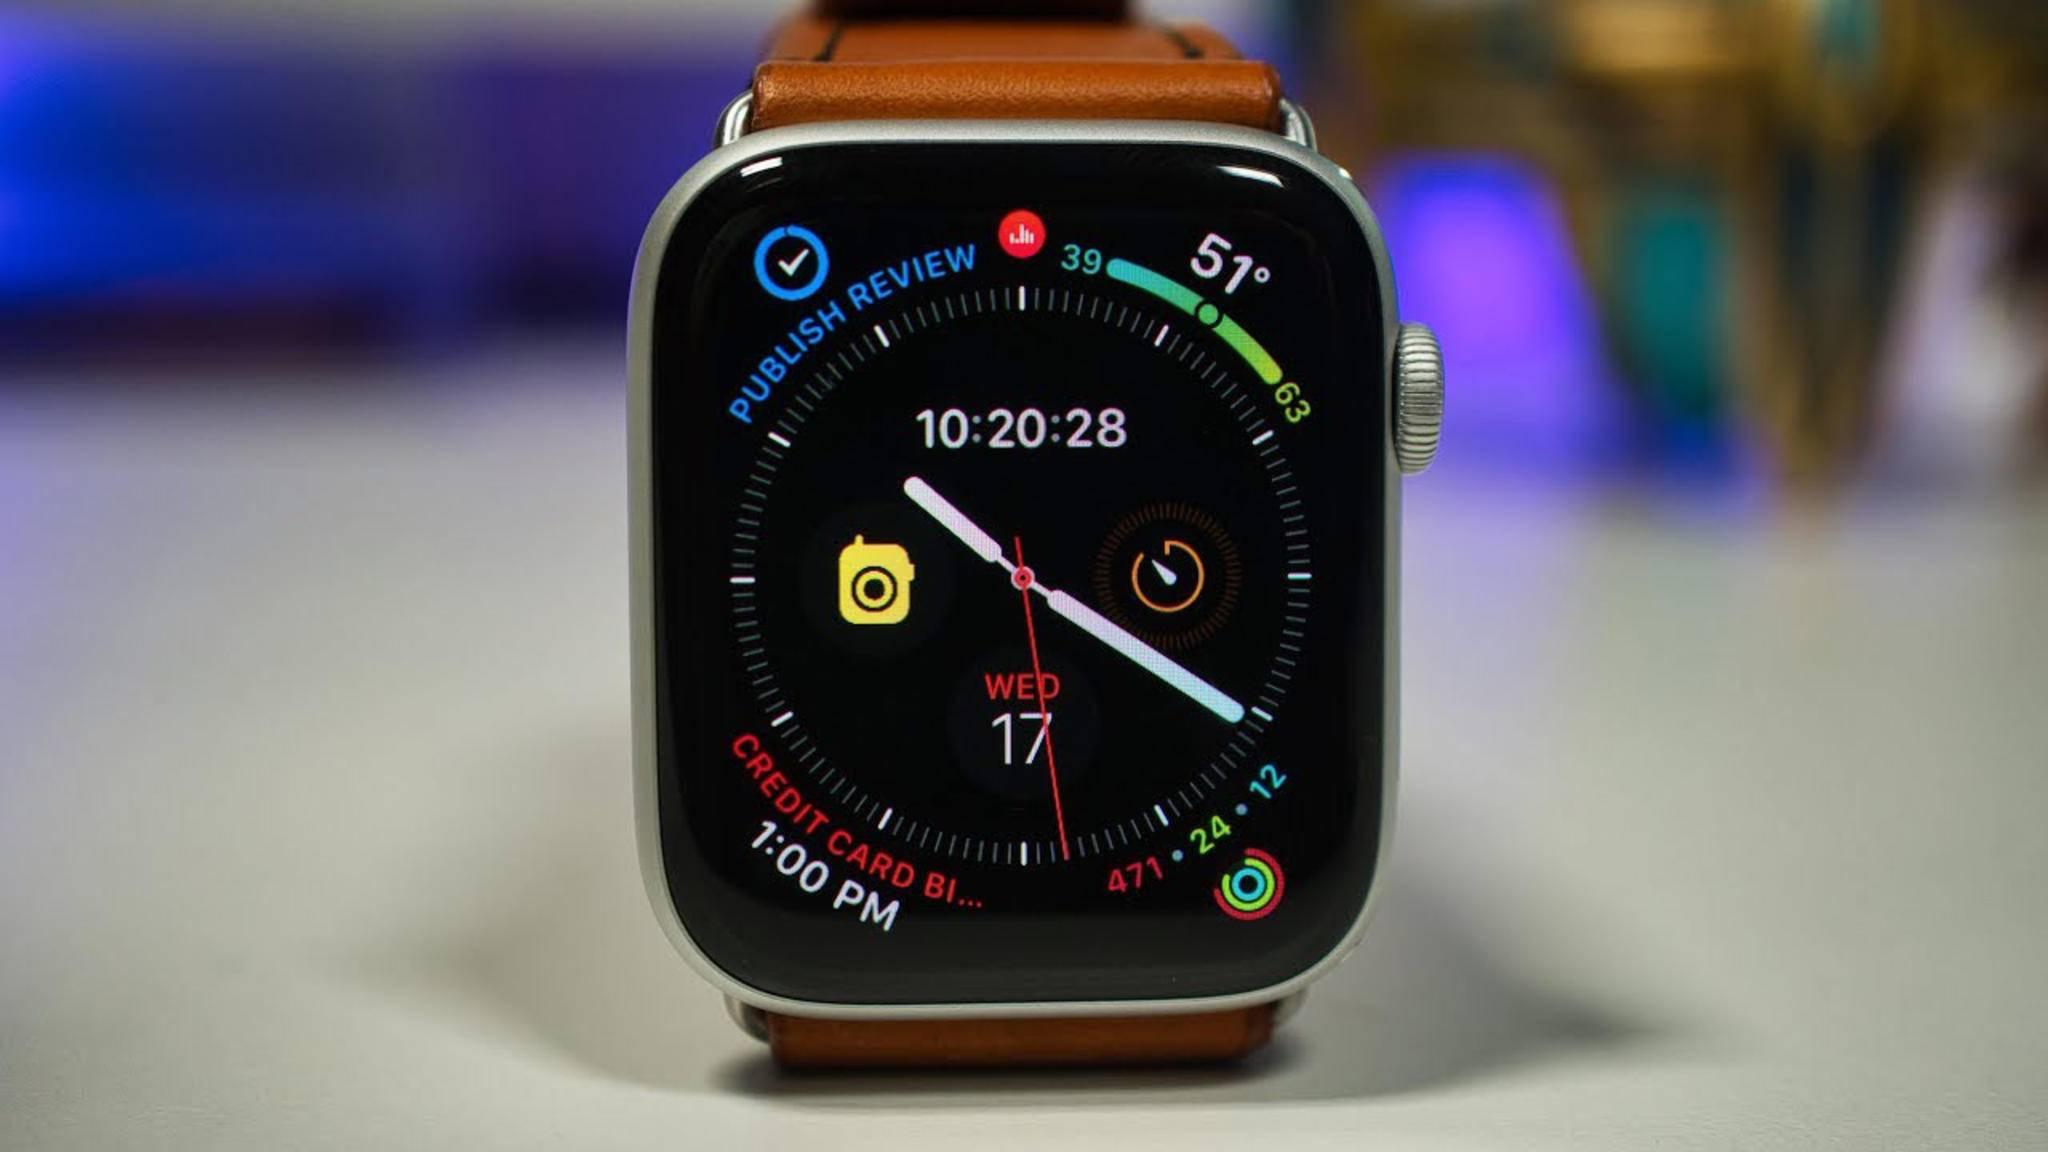 Eine Apple Watch bekam während des Wetterberichts im britischen Fernsehen unverhofft viel Aufmerksamkeit.